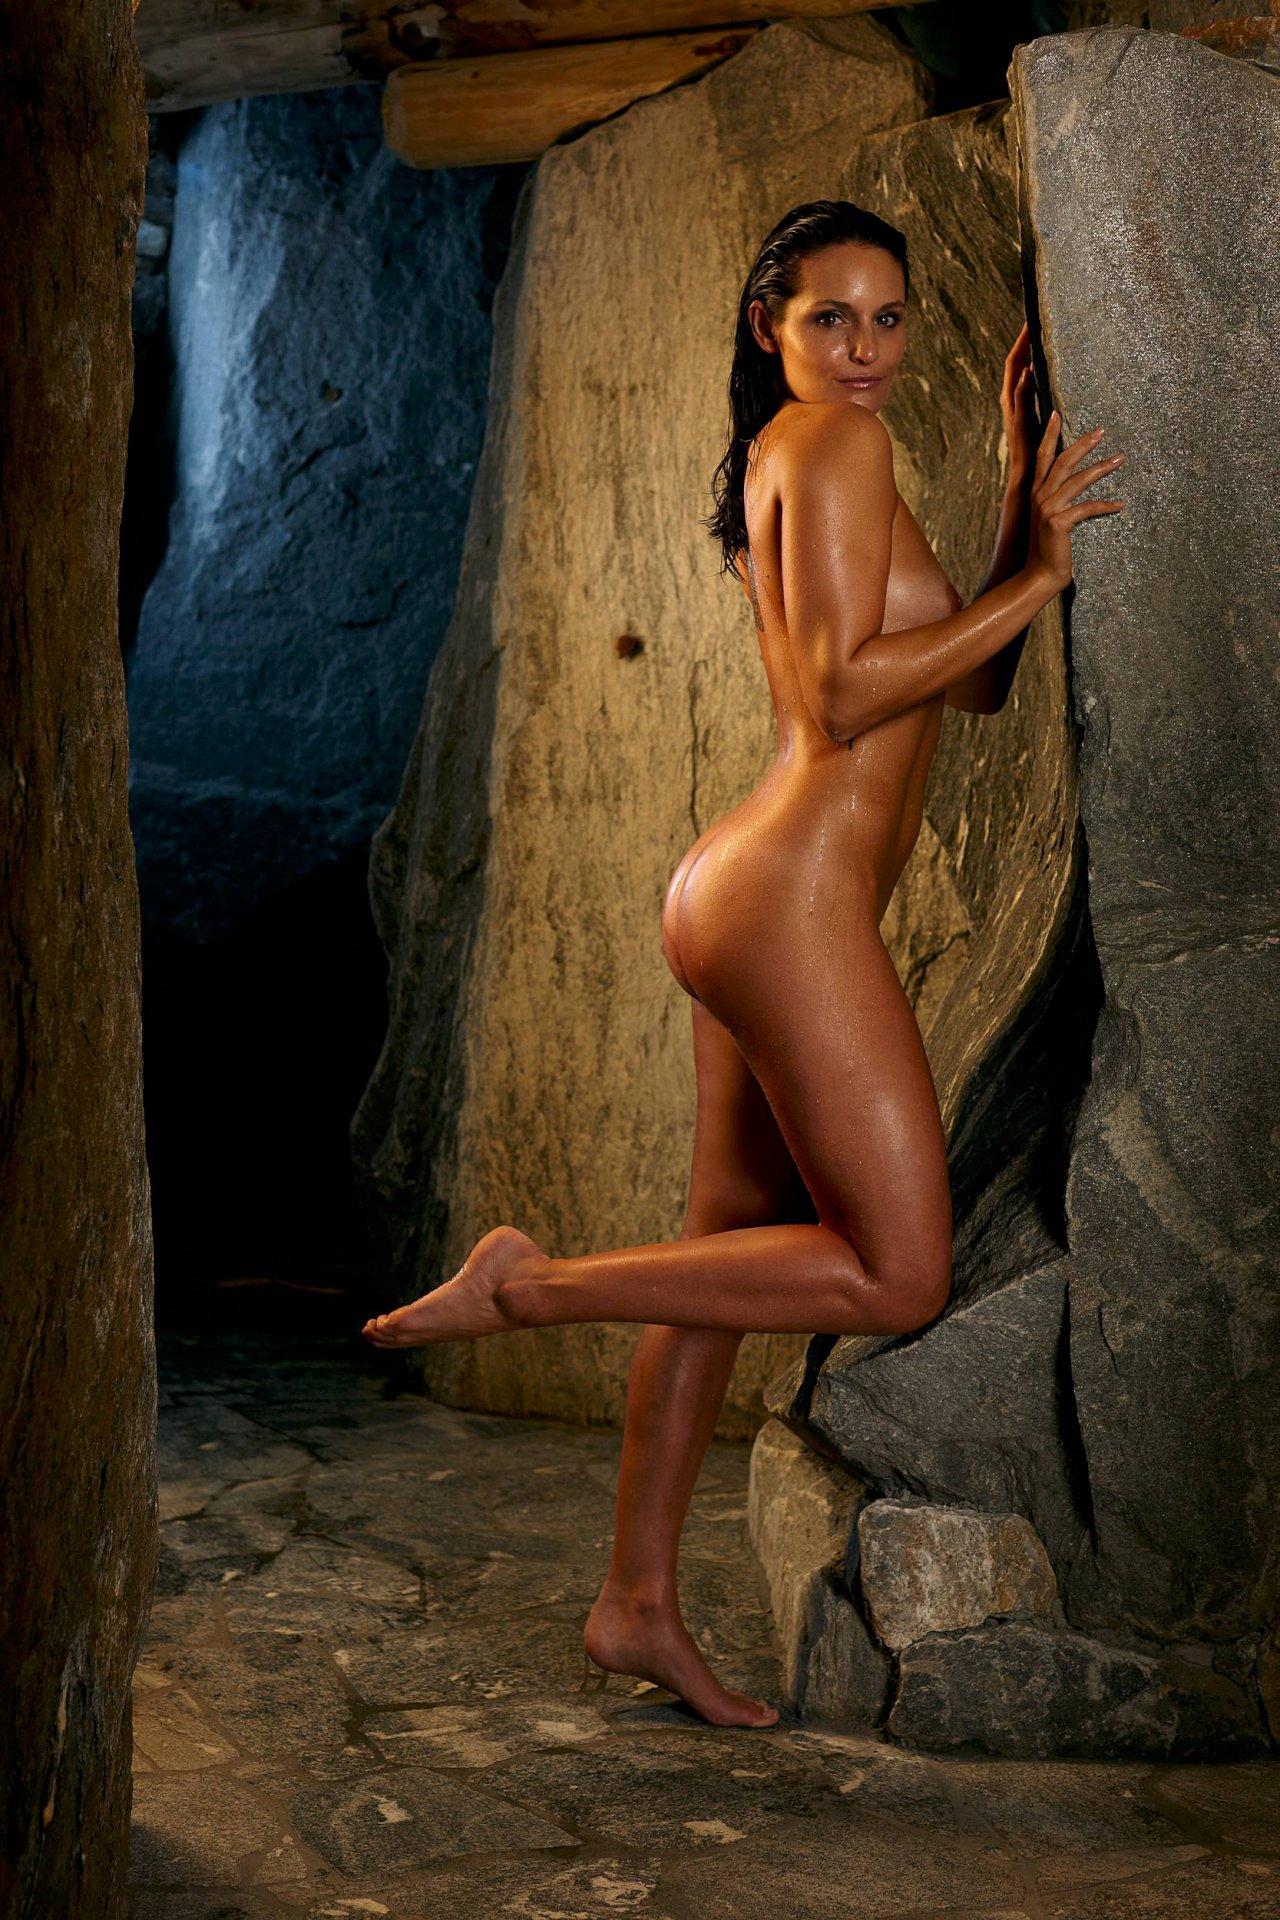 Miley cyrus nude com